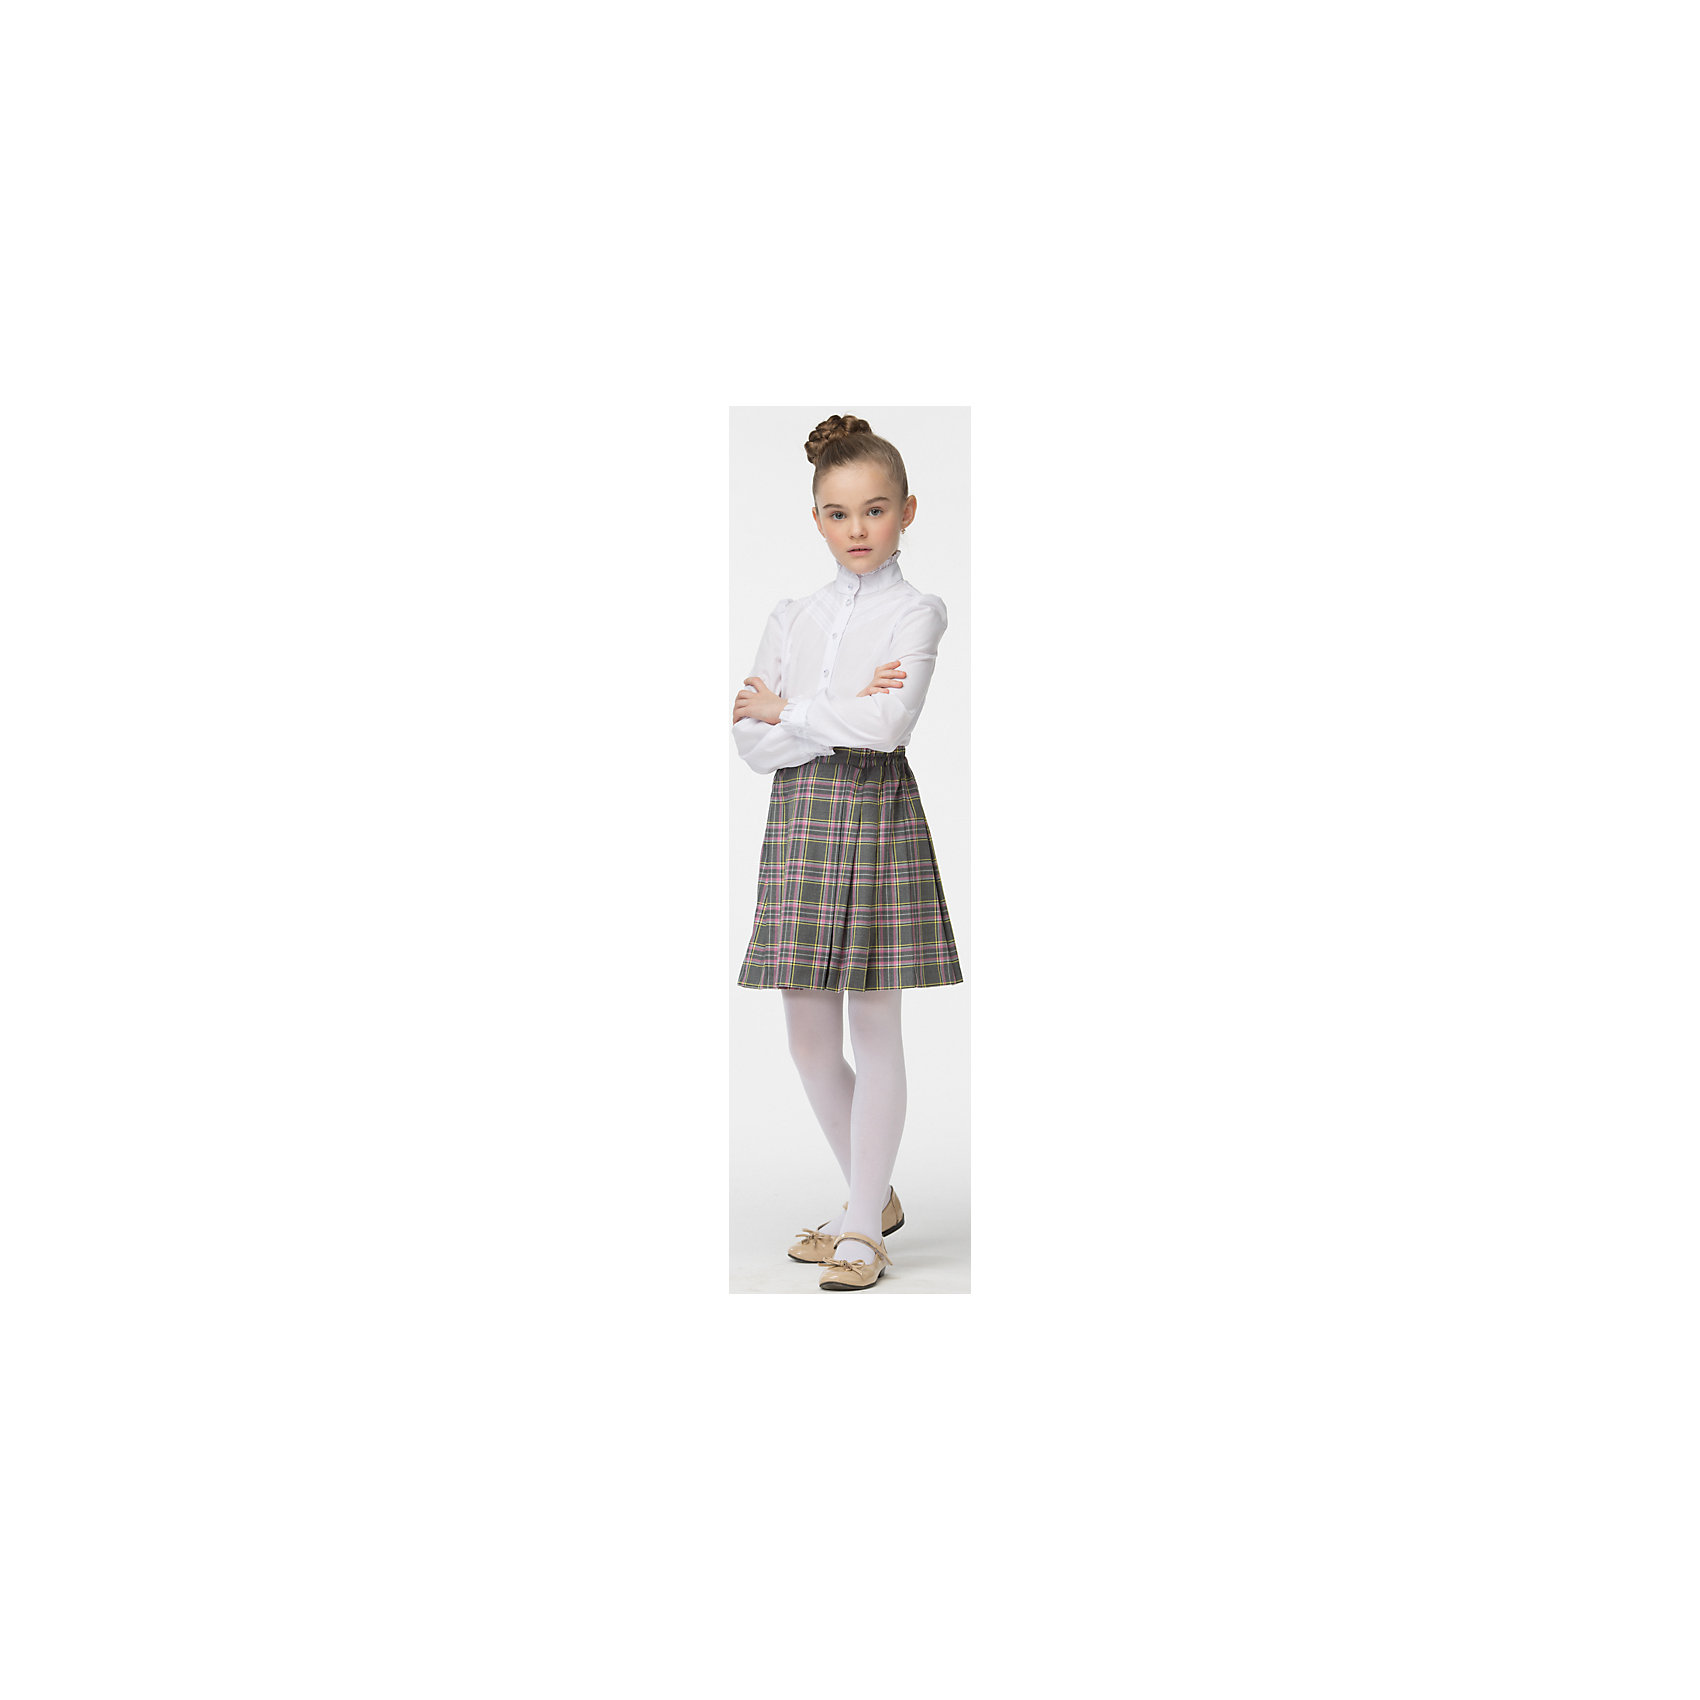 Блузка для девочки СменаБлузки и рубашки<br>Блузка для девочки от известного бренда Смена<br>Строгая элегантная блузка с длинными рукавами и воротником - стойкой. Отделка декоративной кружевной тесьмой и оборочками по воротнику и манжетам придаёт блузке нарядный вид<br>Состав:<br>60%-хлопок;40%-полиэстер<br><br>Ширина мм: 186<br>Глубина мм: 87<br>Высота мм: 198<br>Вес г: 197<br>Цвет: белый<br>Возраст от месяцев: 72<br>Возраст до месяцев: 84<br>Пол: Женский<br>Возраст: Детский<br>Размер: 122,158,152,146,140,134,128<br>SKU: 4720406